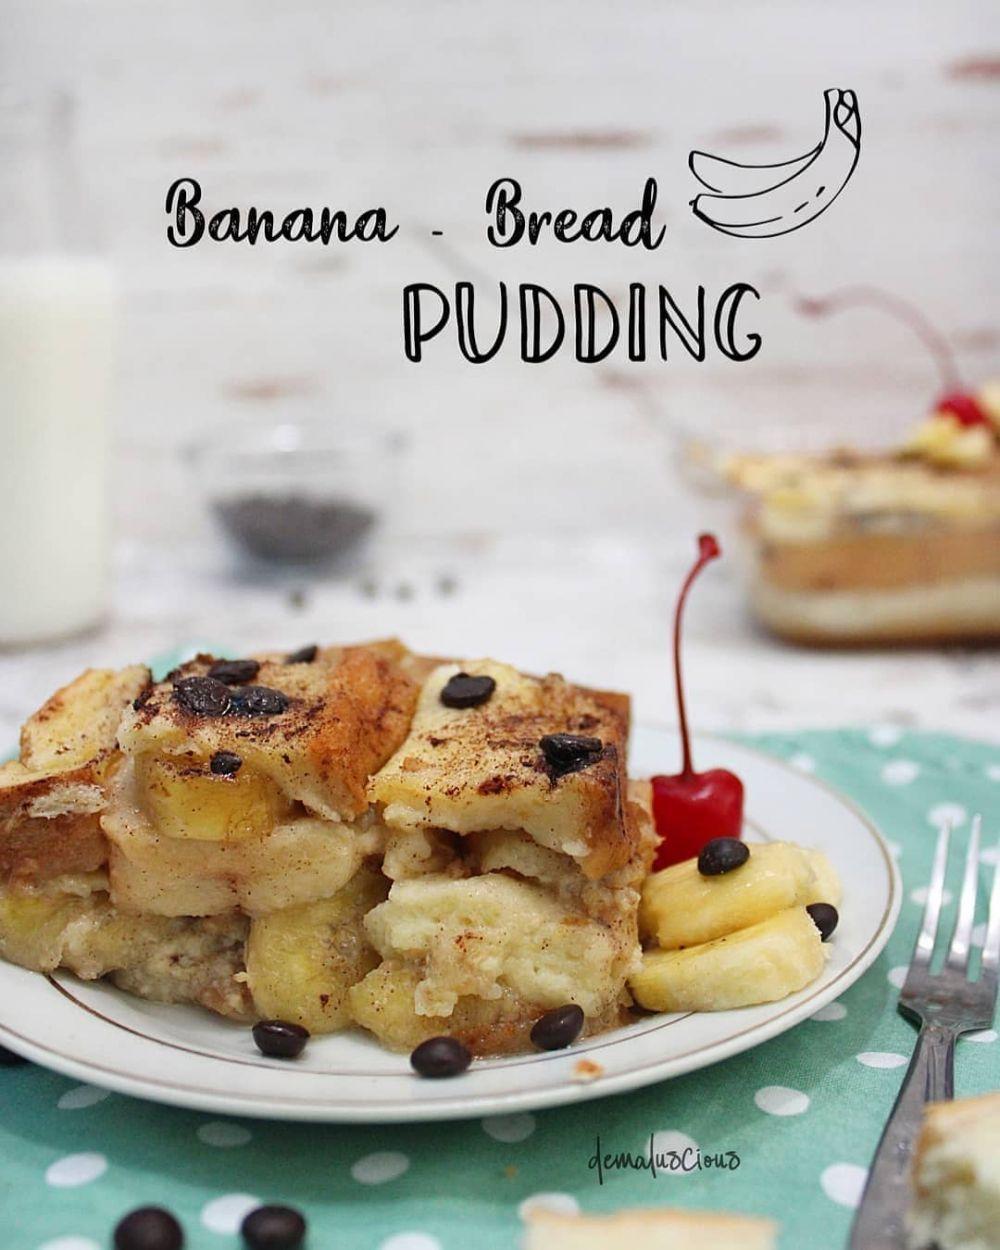 14 Cara Membuat Puding Roti Enak Lembut Dan Sederhana Puding Roti Puding Pudding Desserts